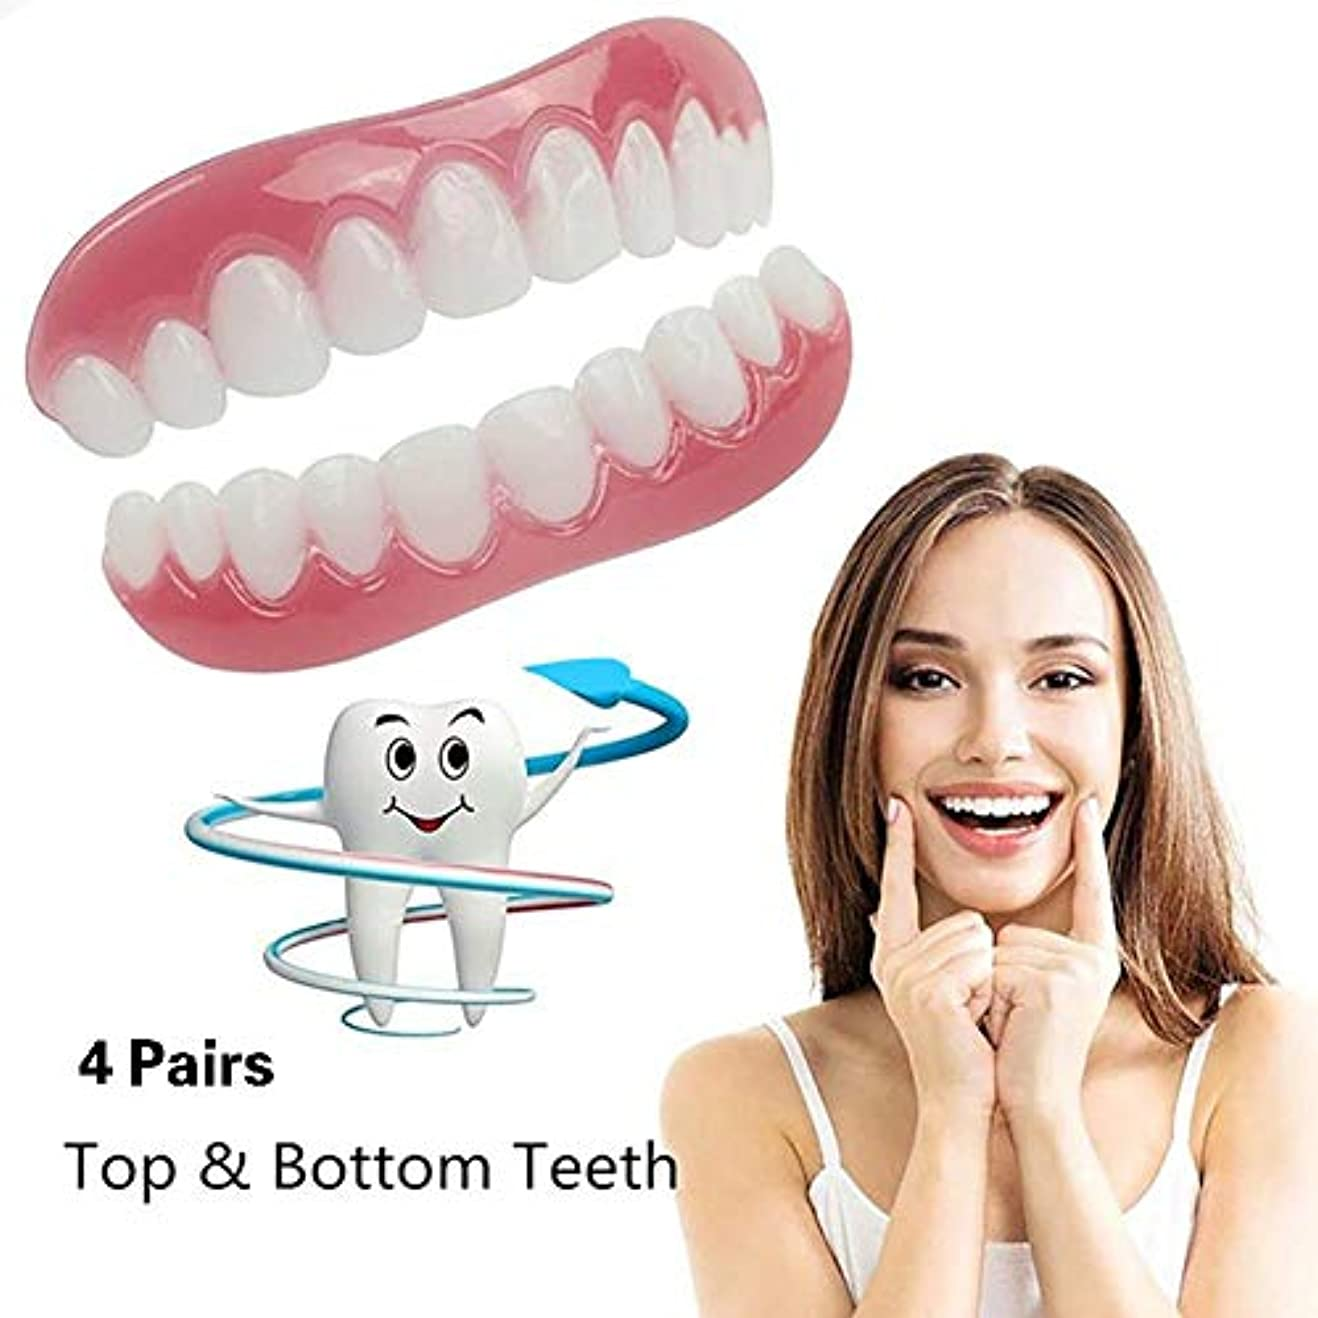 貸す士気回転する8本のシリコーンの歯のベニヤ化粧品の歯のスナップオンセキュアアッパーローフレックス歯科用ベニヤ義歯ケアホワイトニングパーフェクトトゥースワンサイズフィットすべて